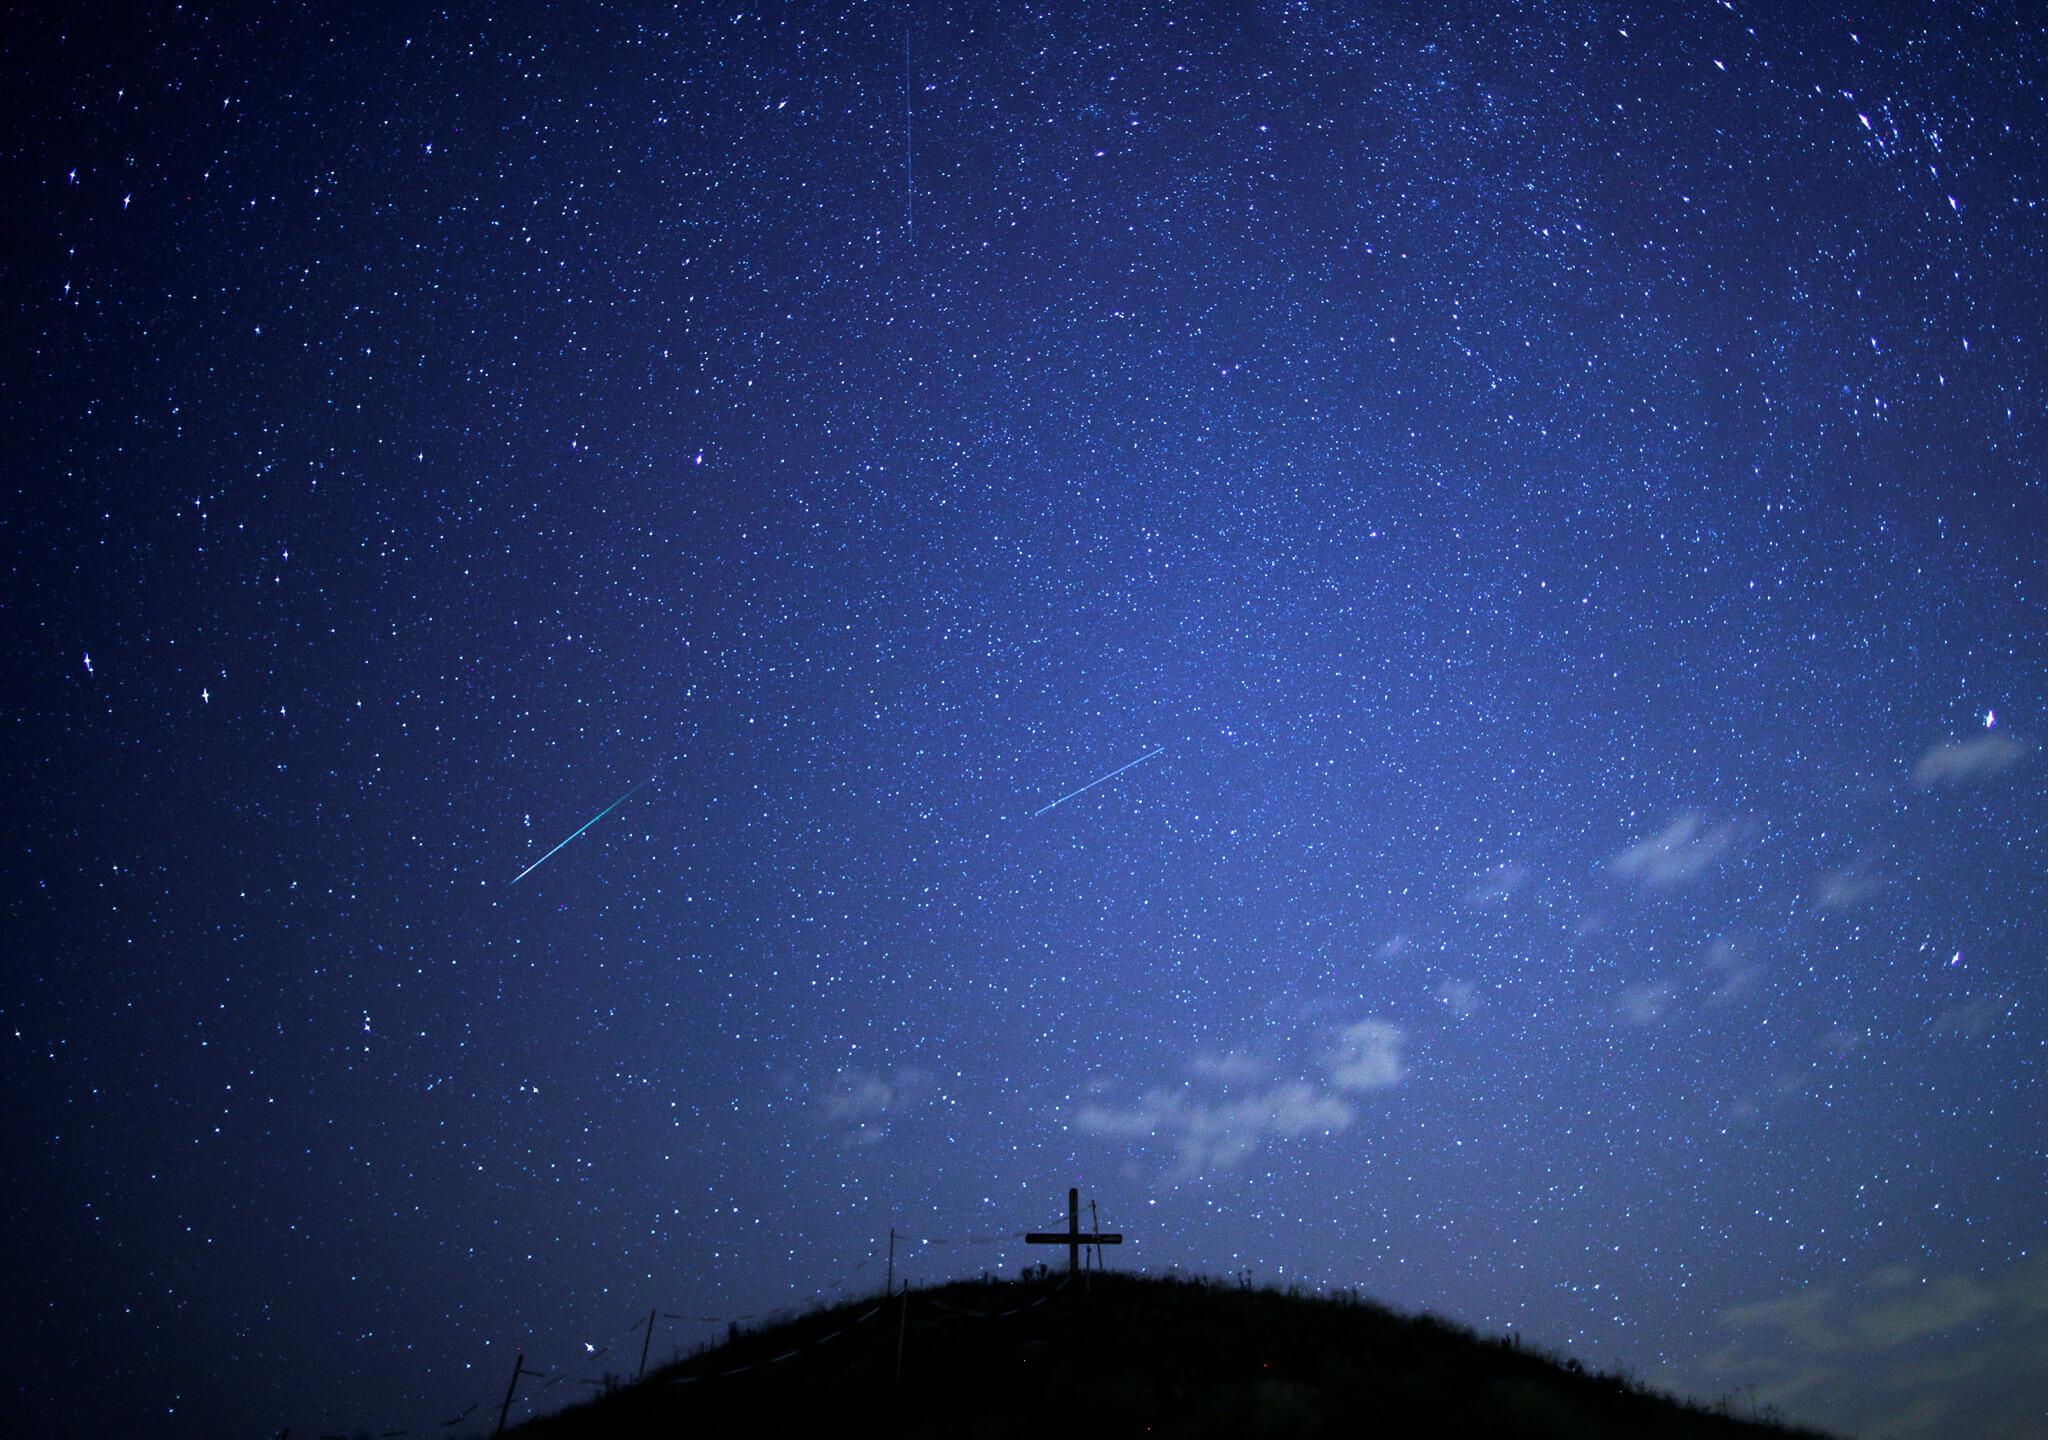 Atravesamos el rastro de un cometa